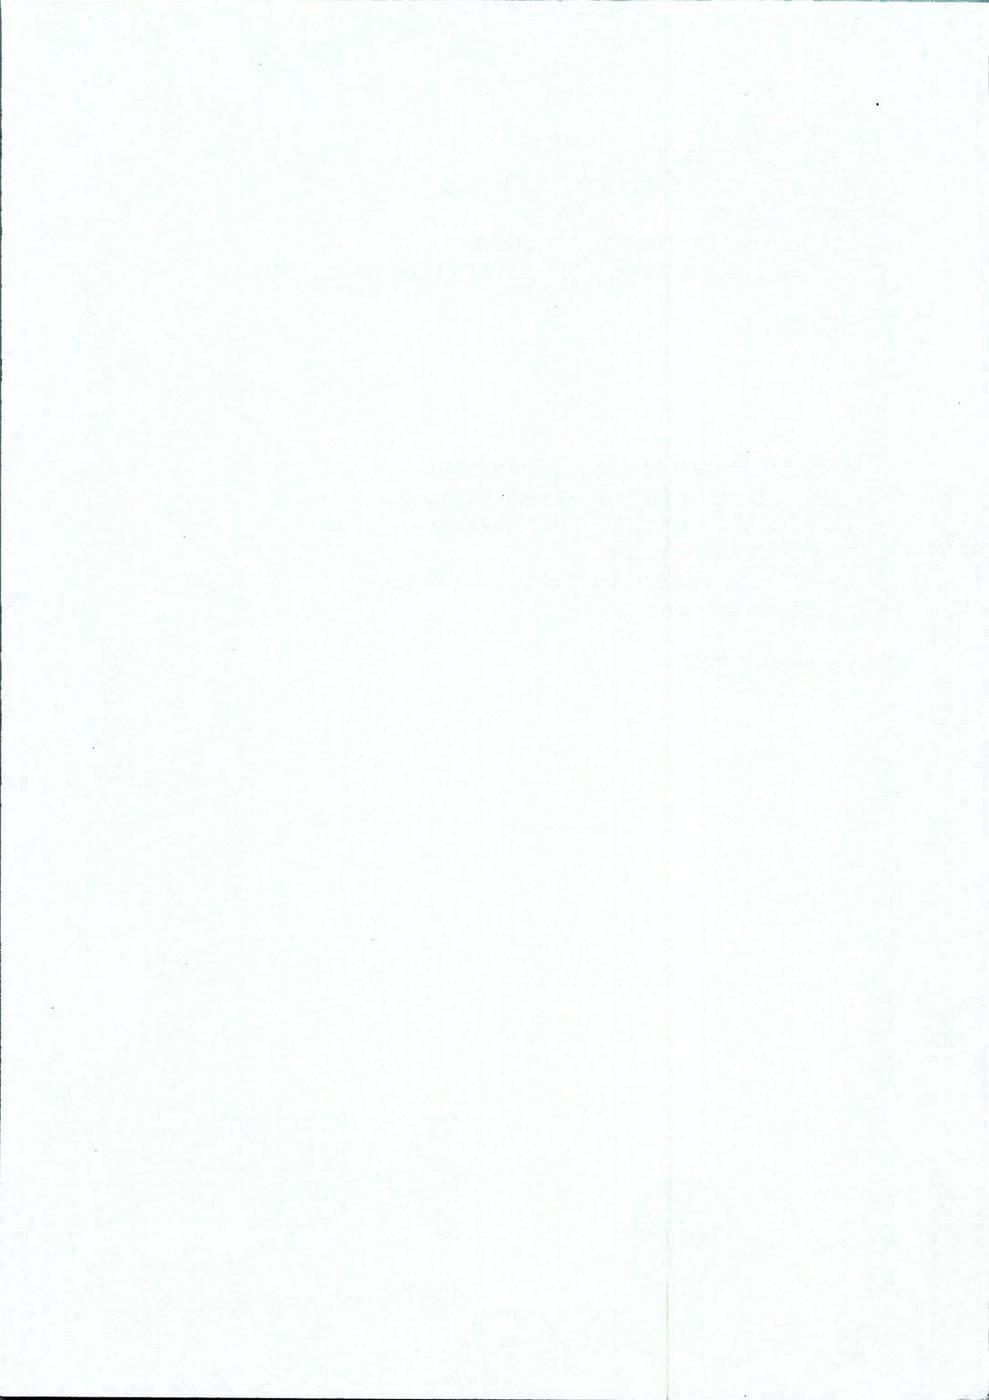 อ่านการ์ตูนออนไลน์โมโมะ กับแผนปฎิบัติการฮาเร็ม